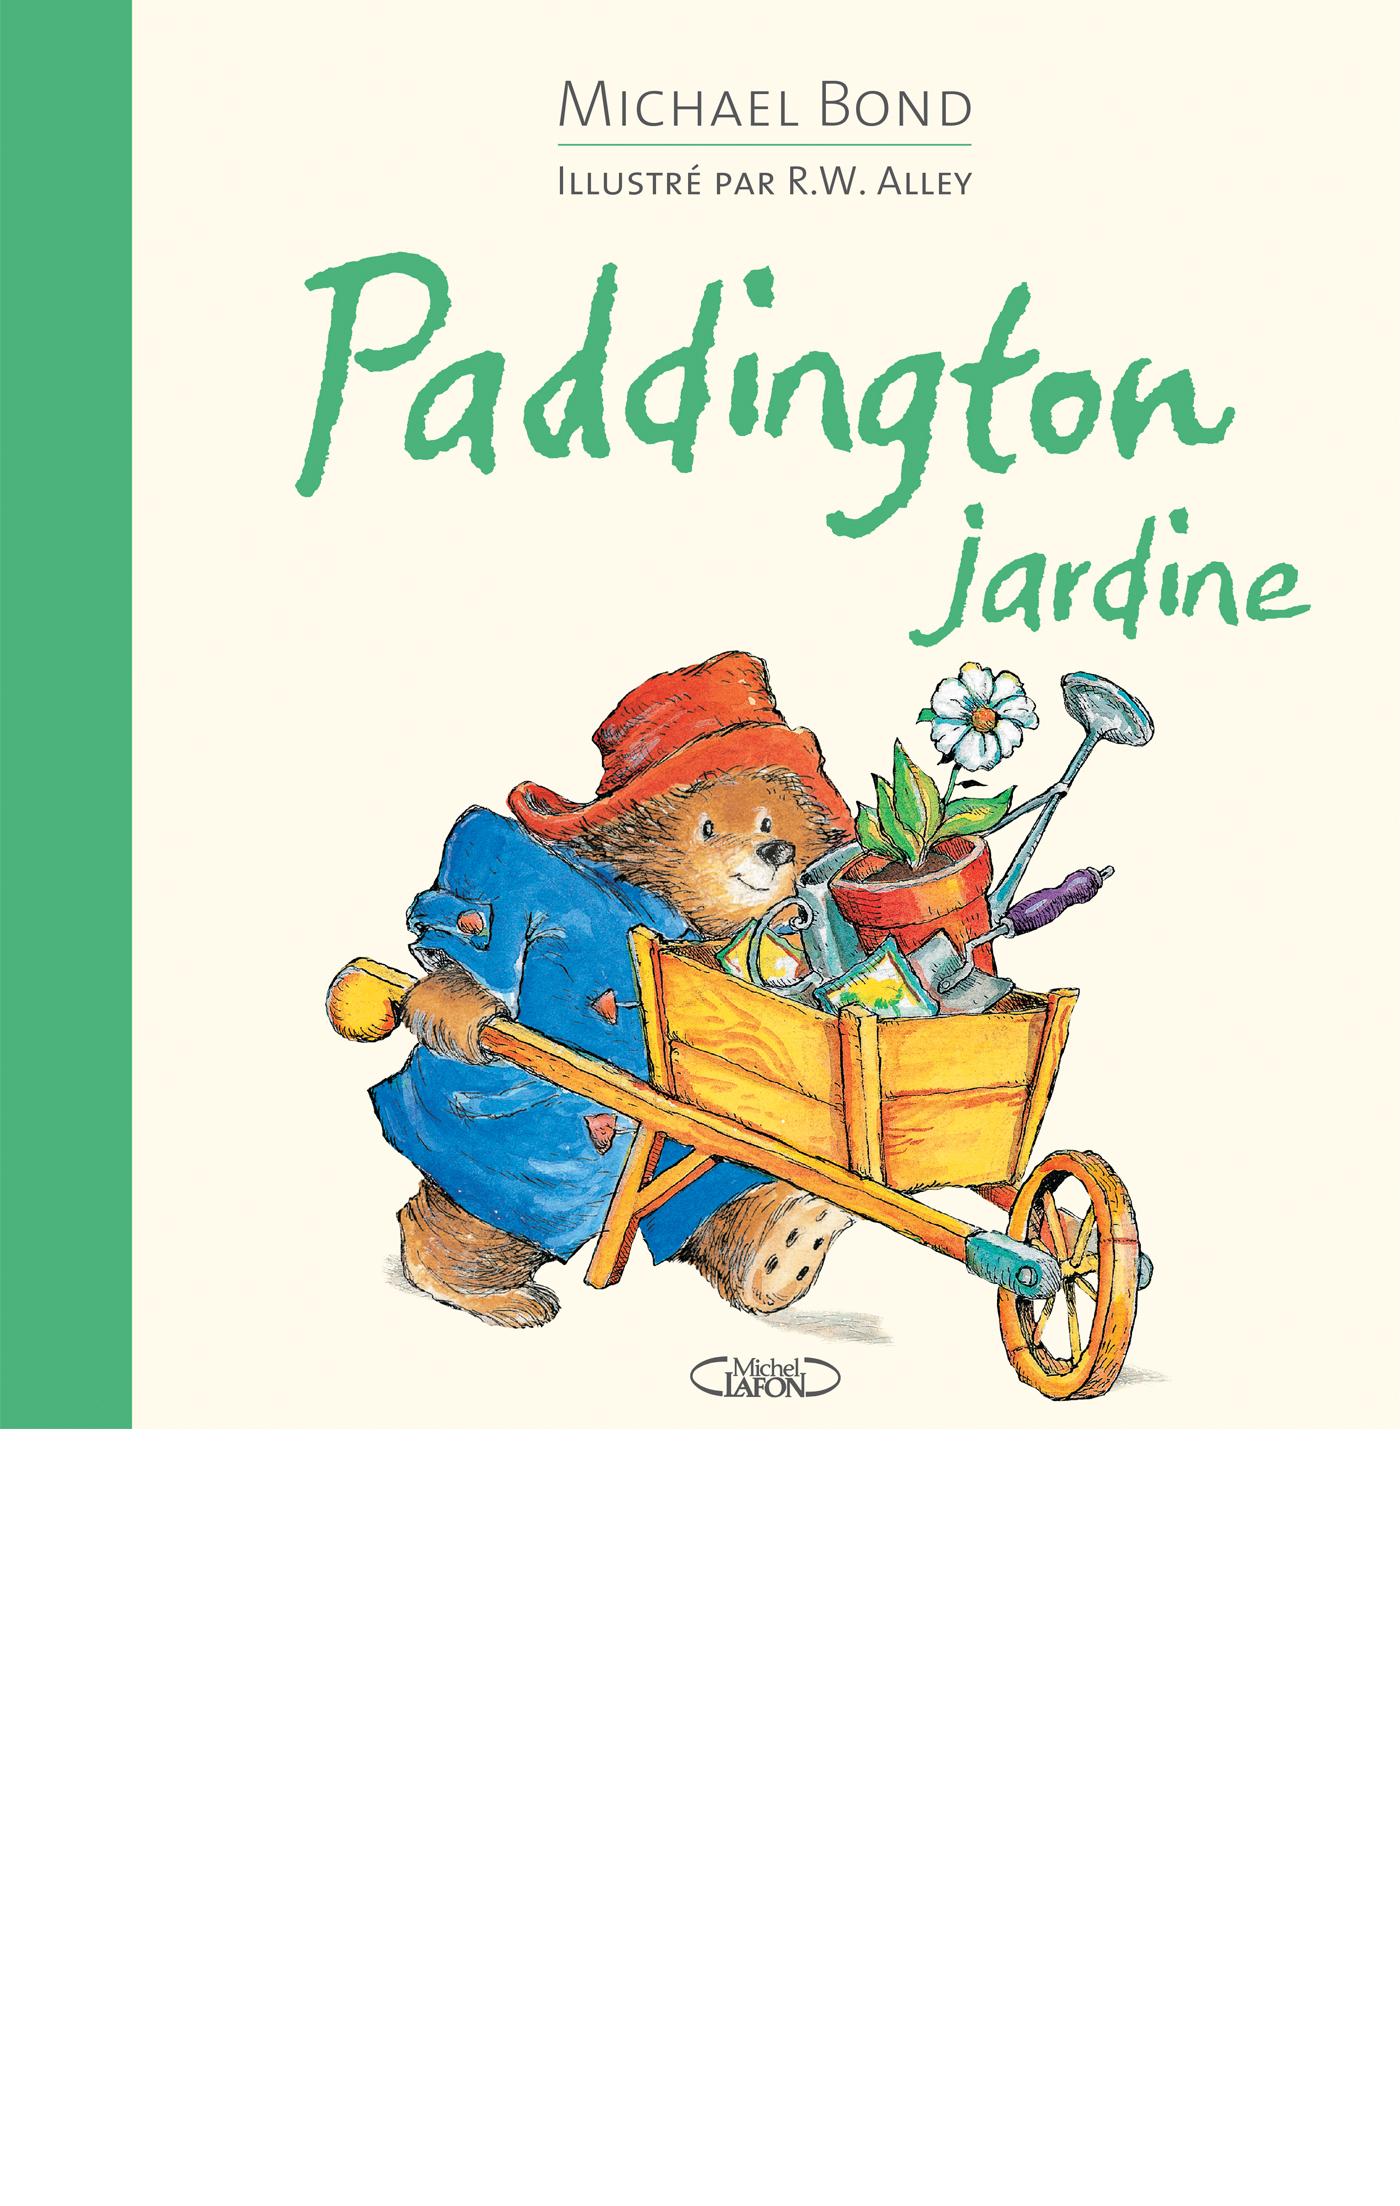 Paddington jardine